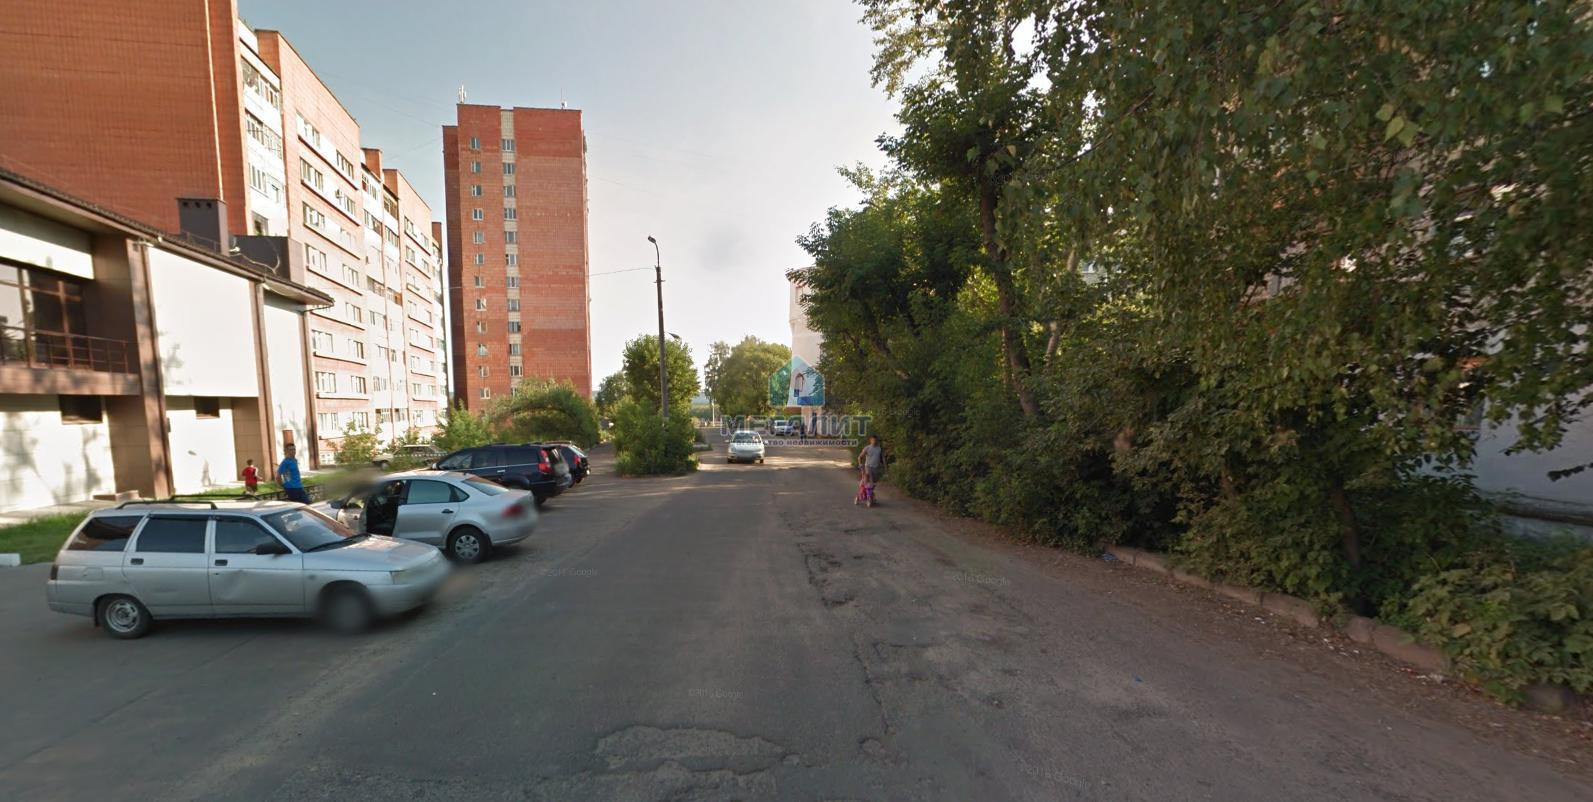 Продажа 2-к квартиры Колымская 2, 43.0 м² (миниатюра №4)